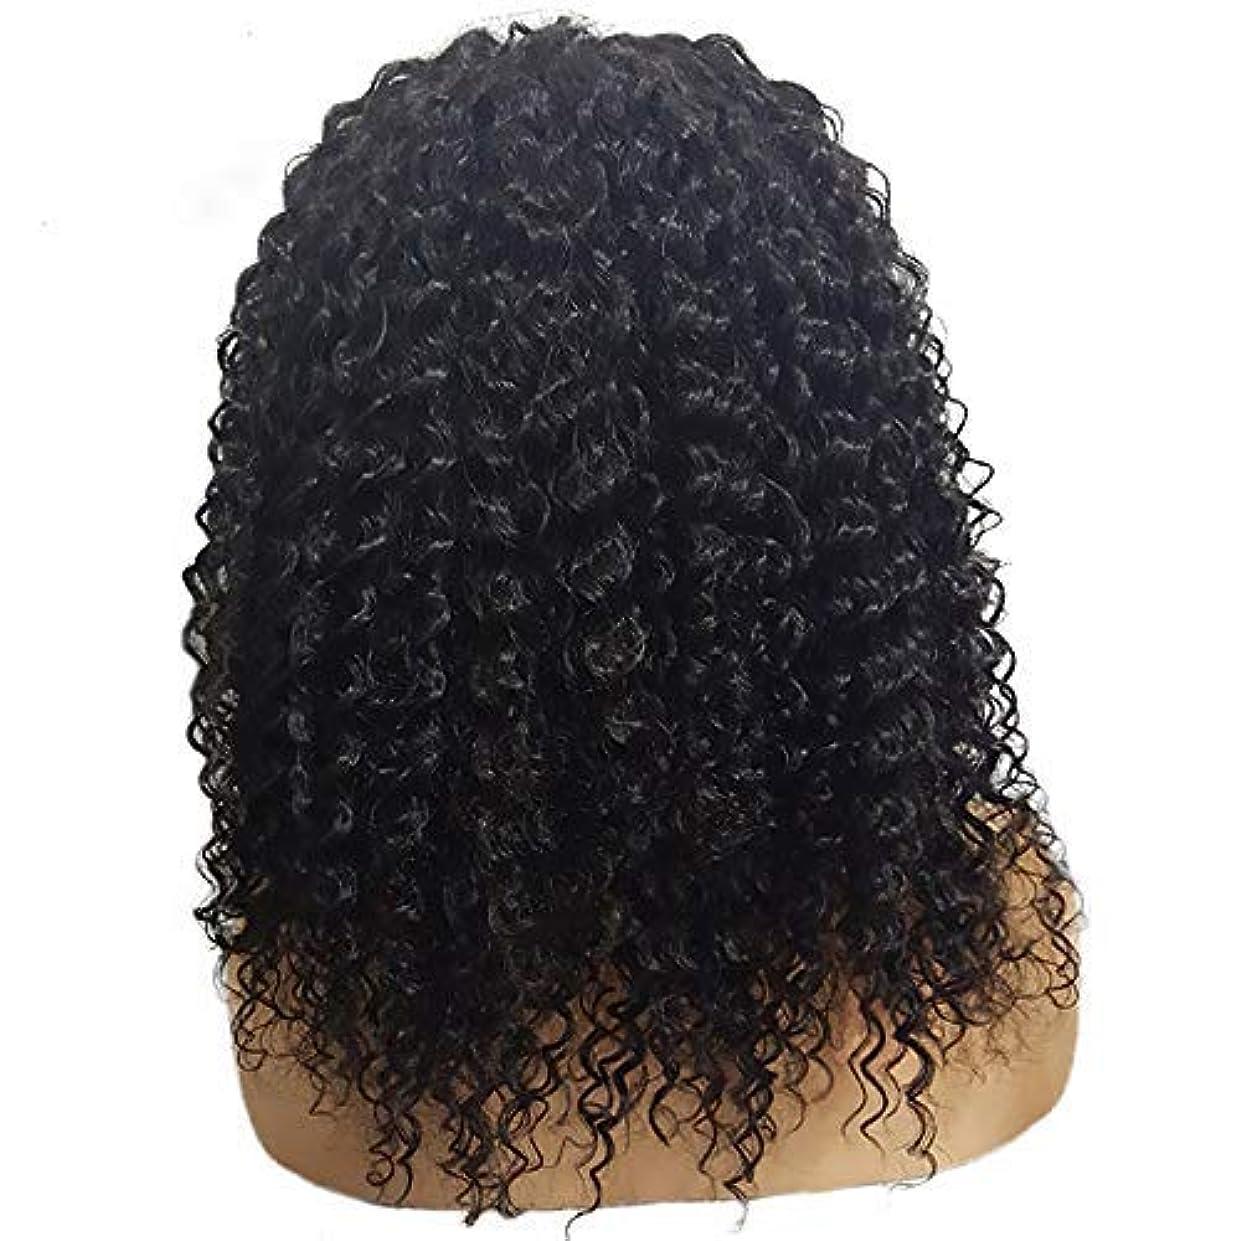 スリット順応性モノグラフかつら短い巻き毛のかつらファッション化学繊維かつらフロントレース20インチ